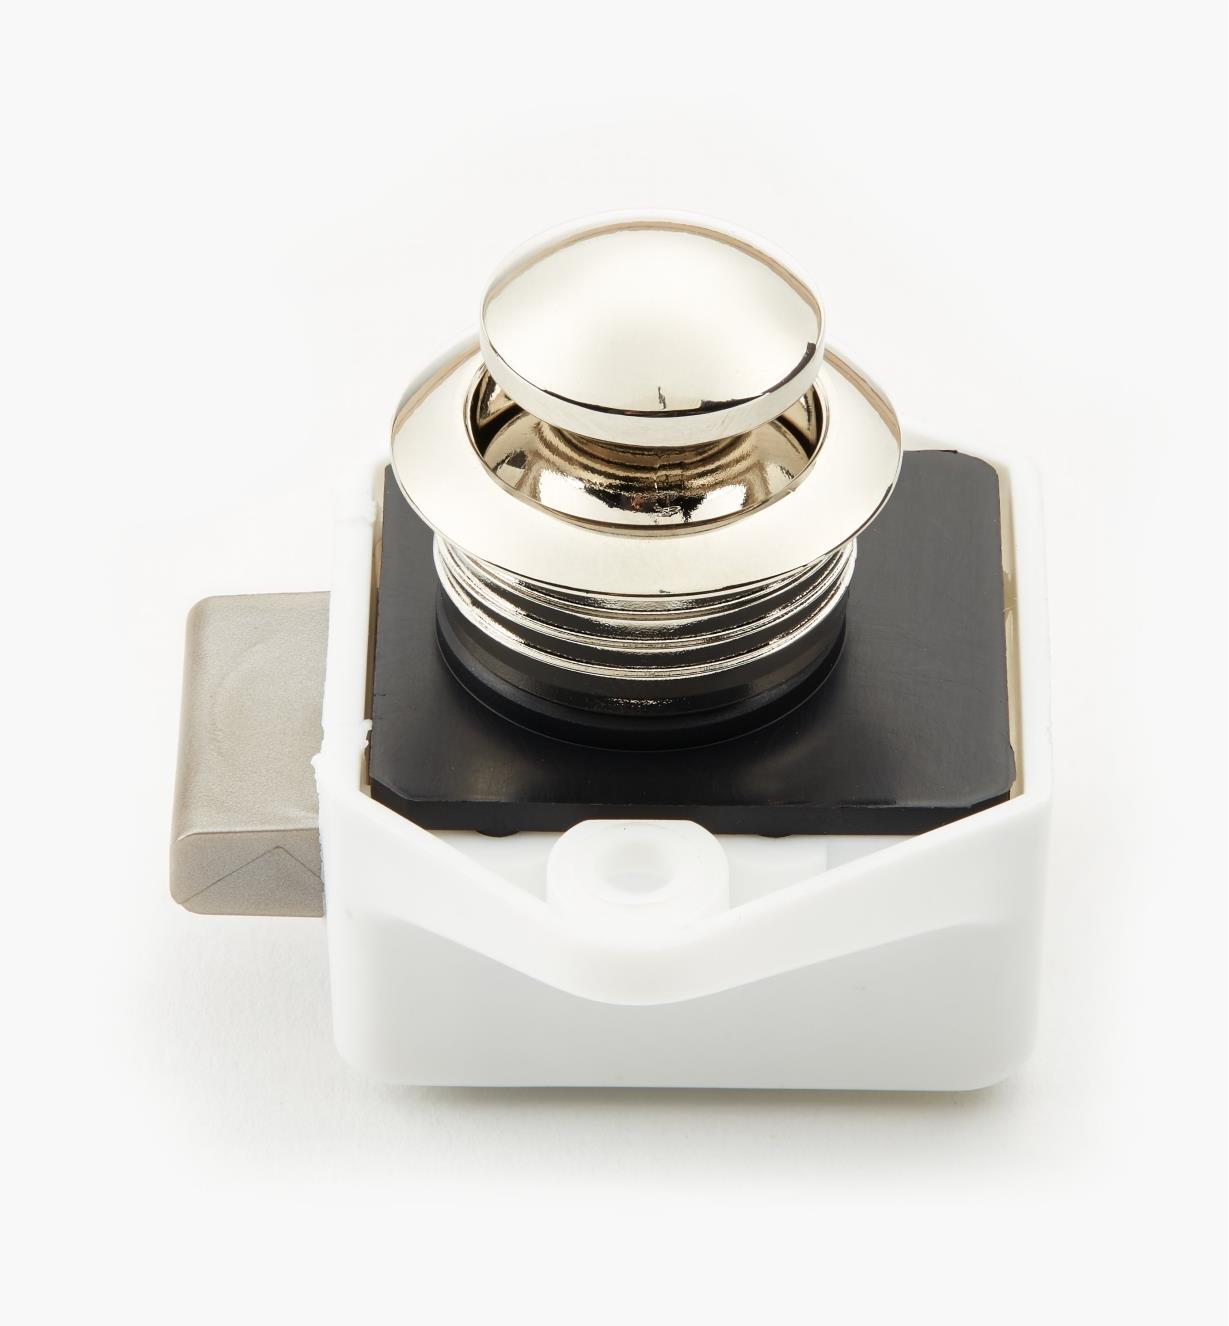 00S2220 - Loquet à bouton-poussoir en nickel poli